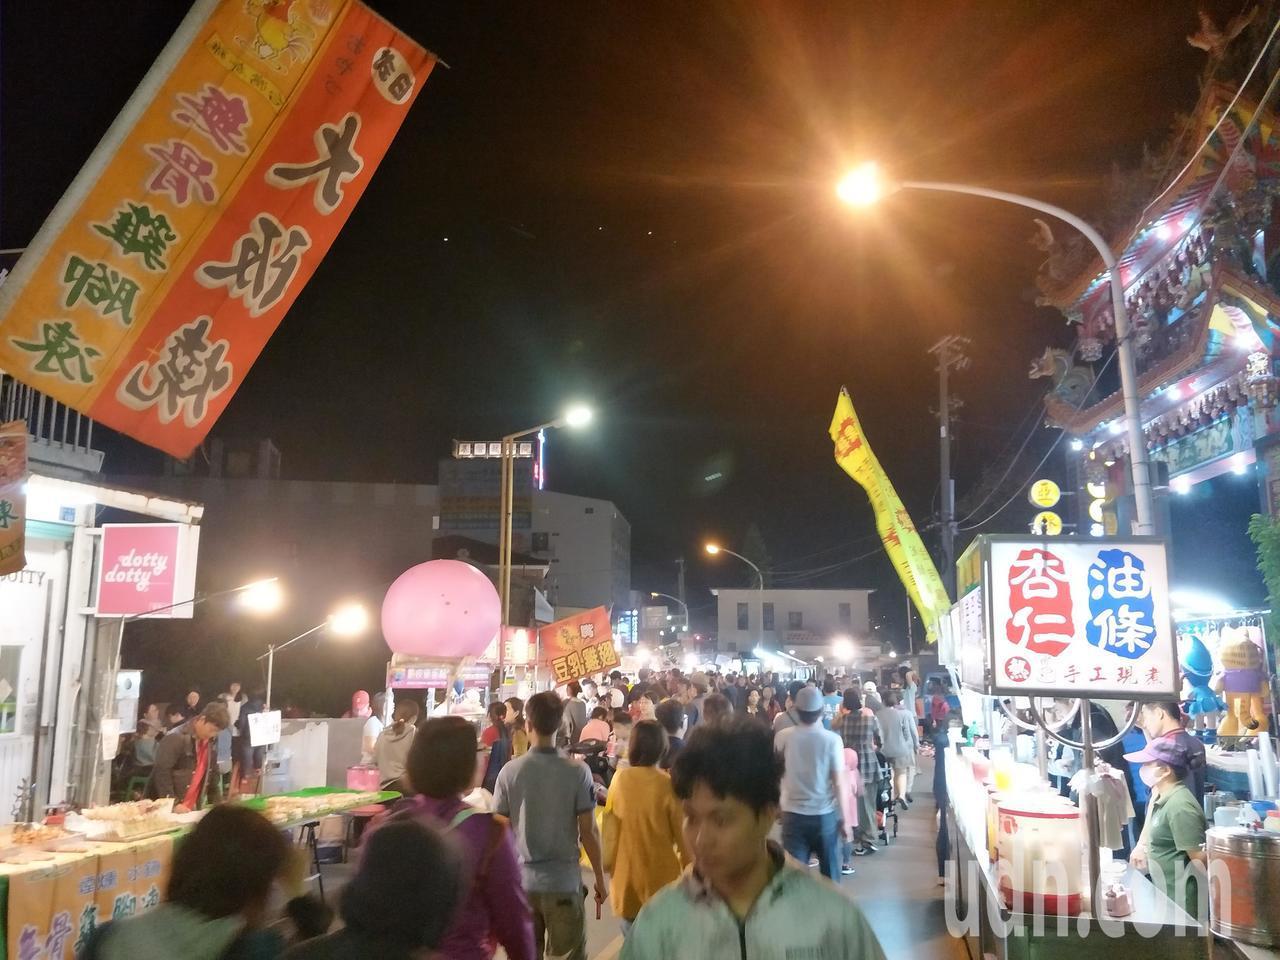 屏東恆春周日夜市的親民價位和散發「台灣味」,吸引不少外地遊客,近2年人氣漸增。記...